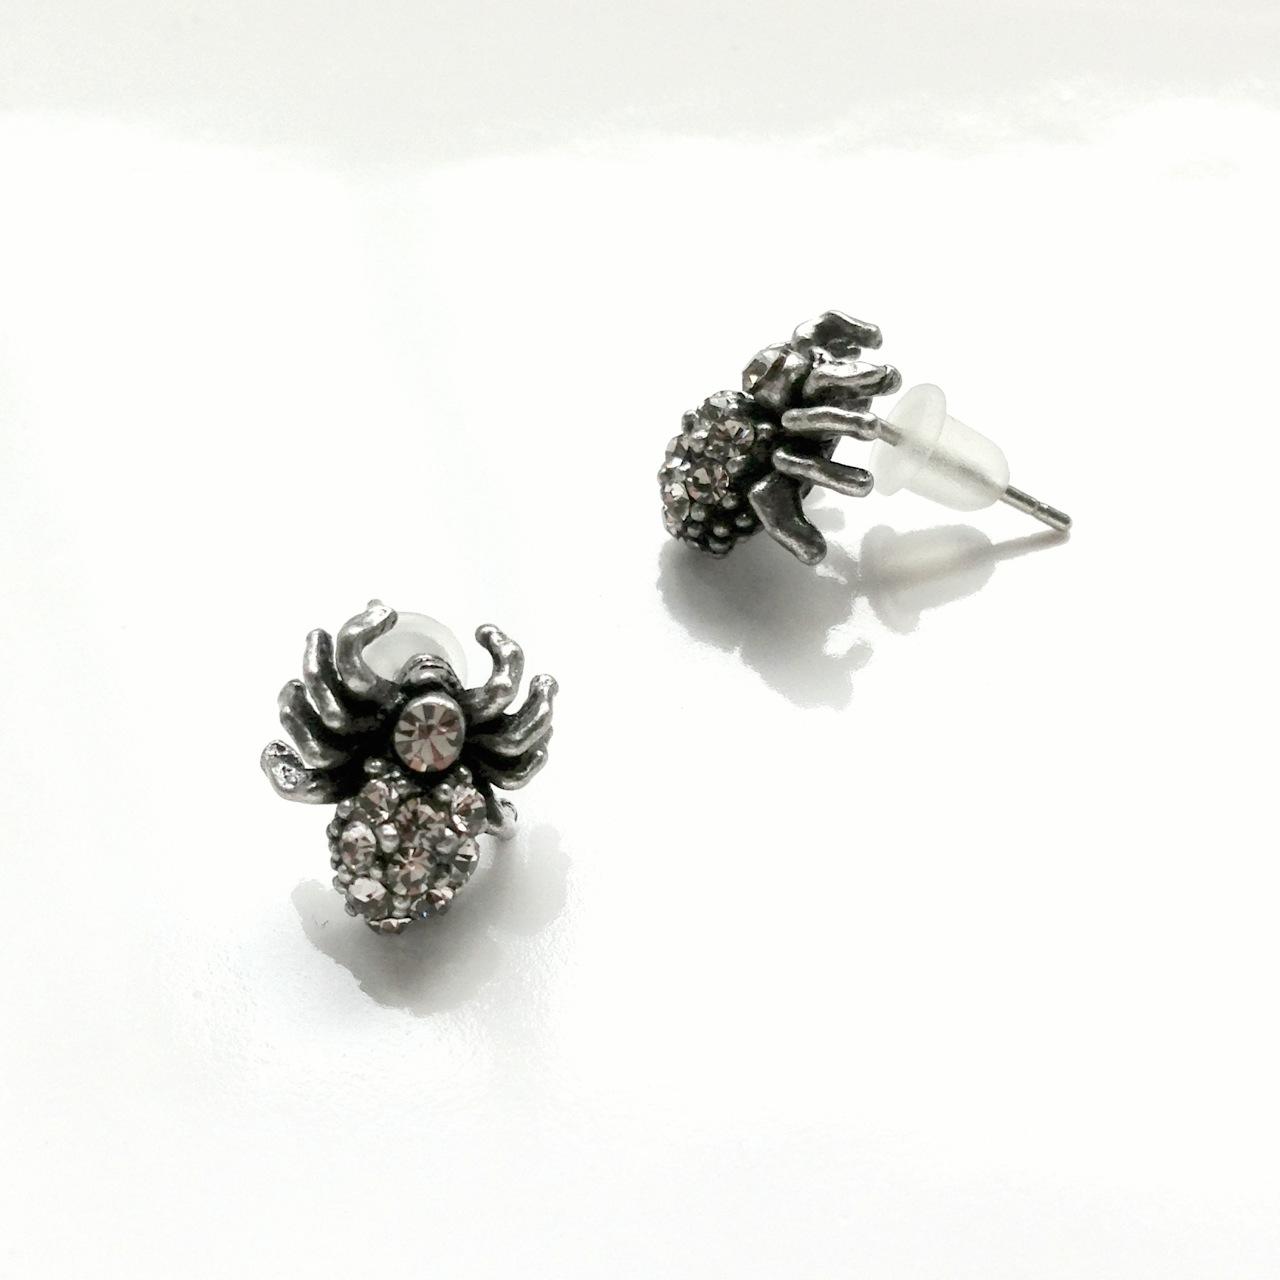 spider_stud_earrings_earrings_3.jpg